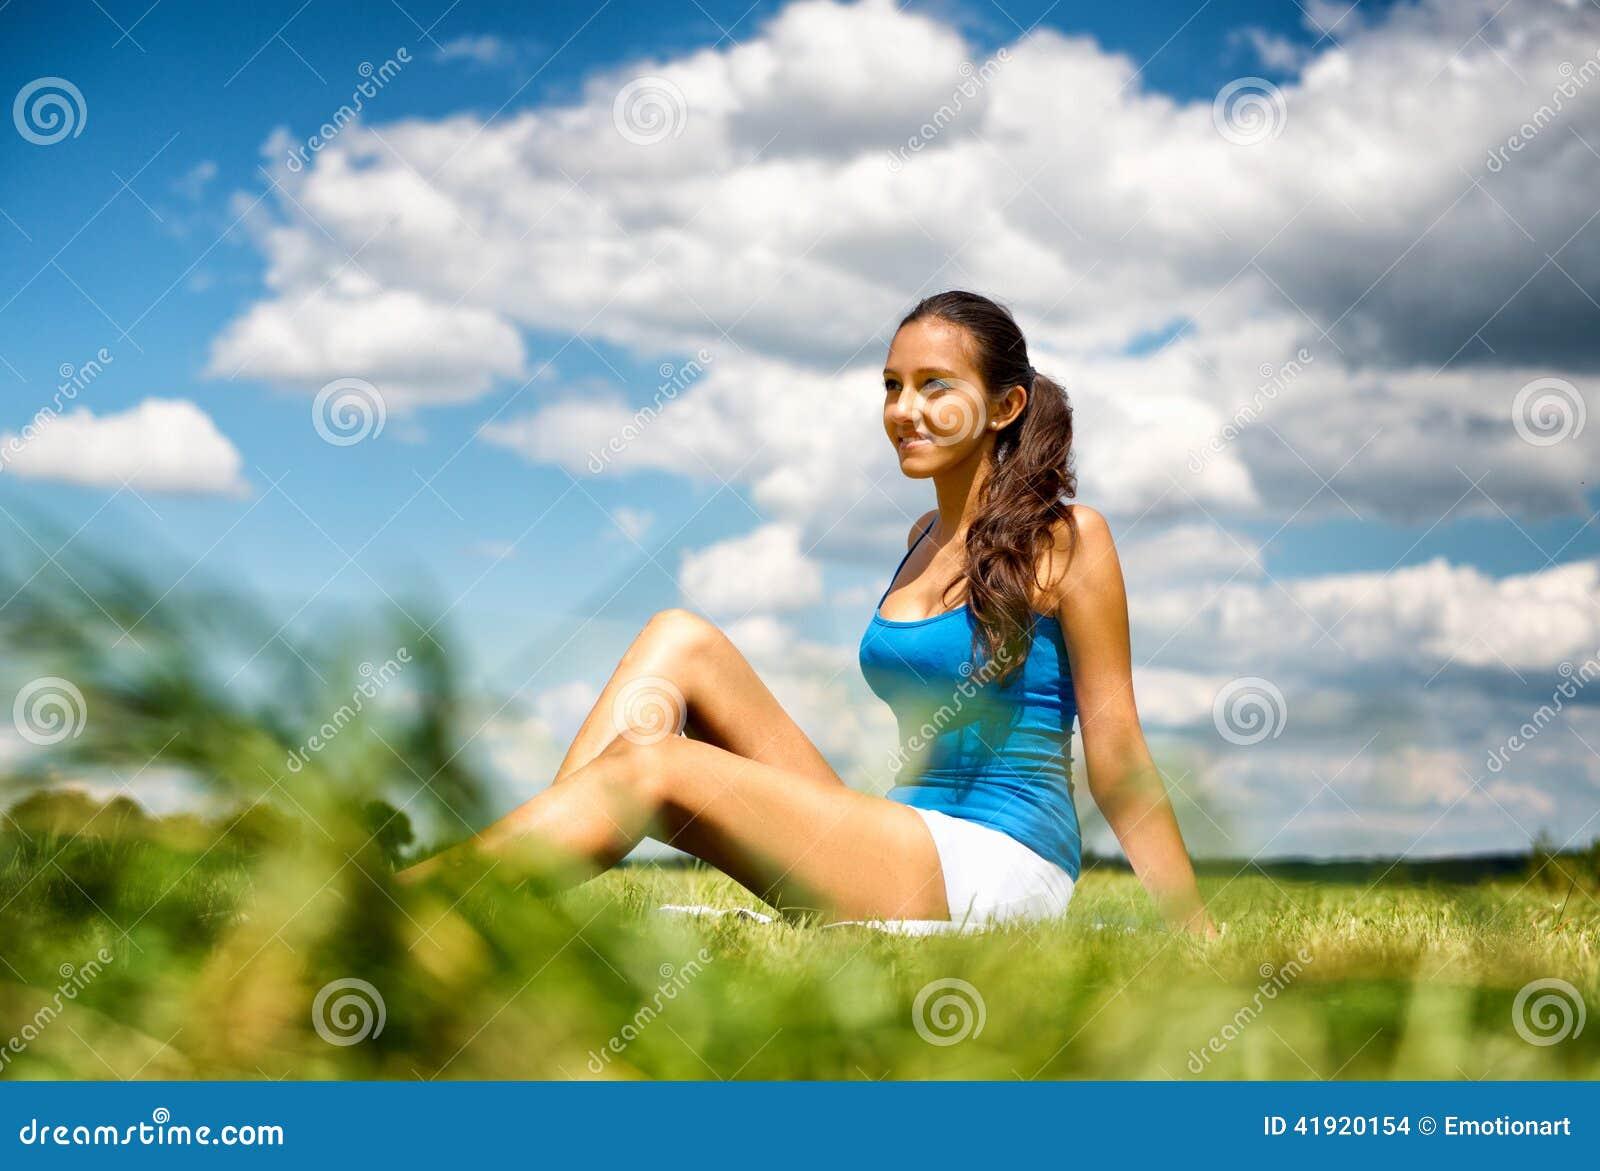 Adolescente joven amistoso sonriente en un campo